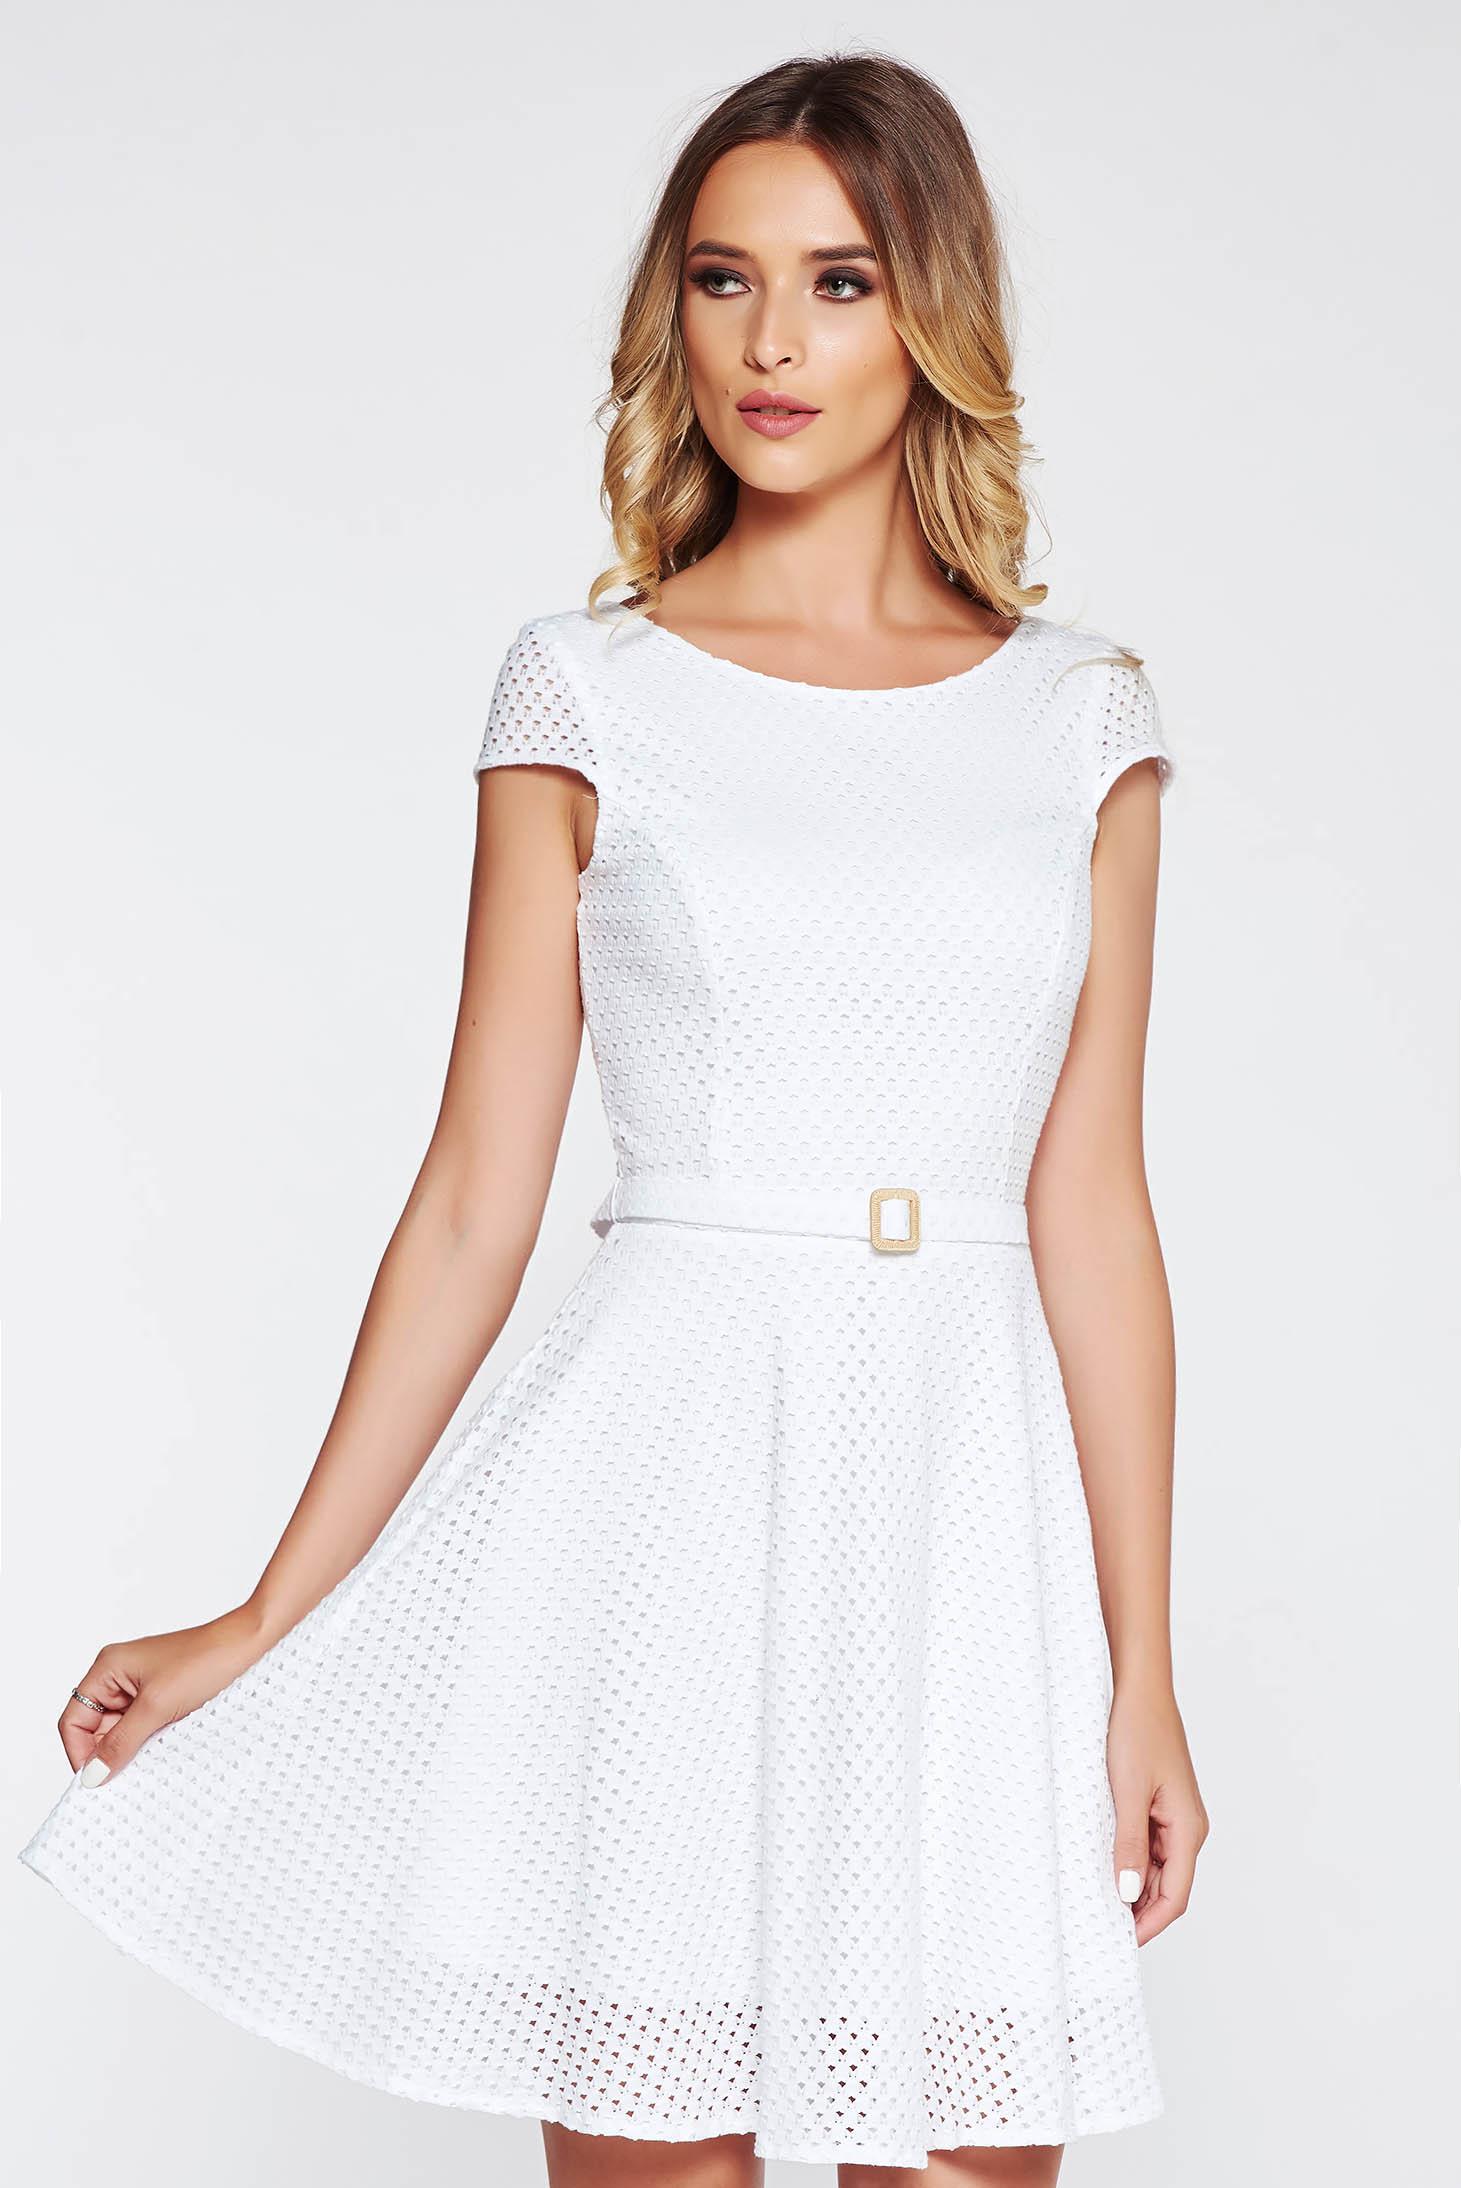 07e66564f5 Fehér StarShinerS hétköznapi harang ruha nem elasztikus pamut belső  béléssel öv típusú kiegészítővel